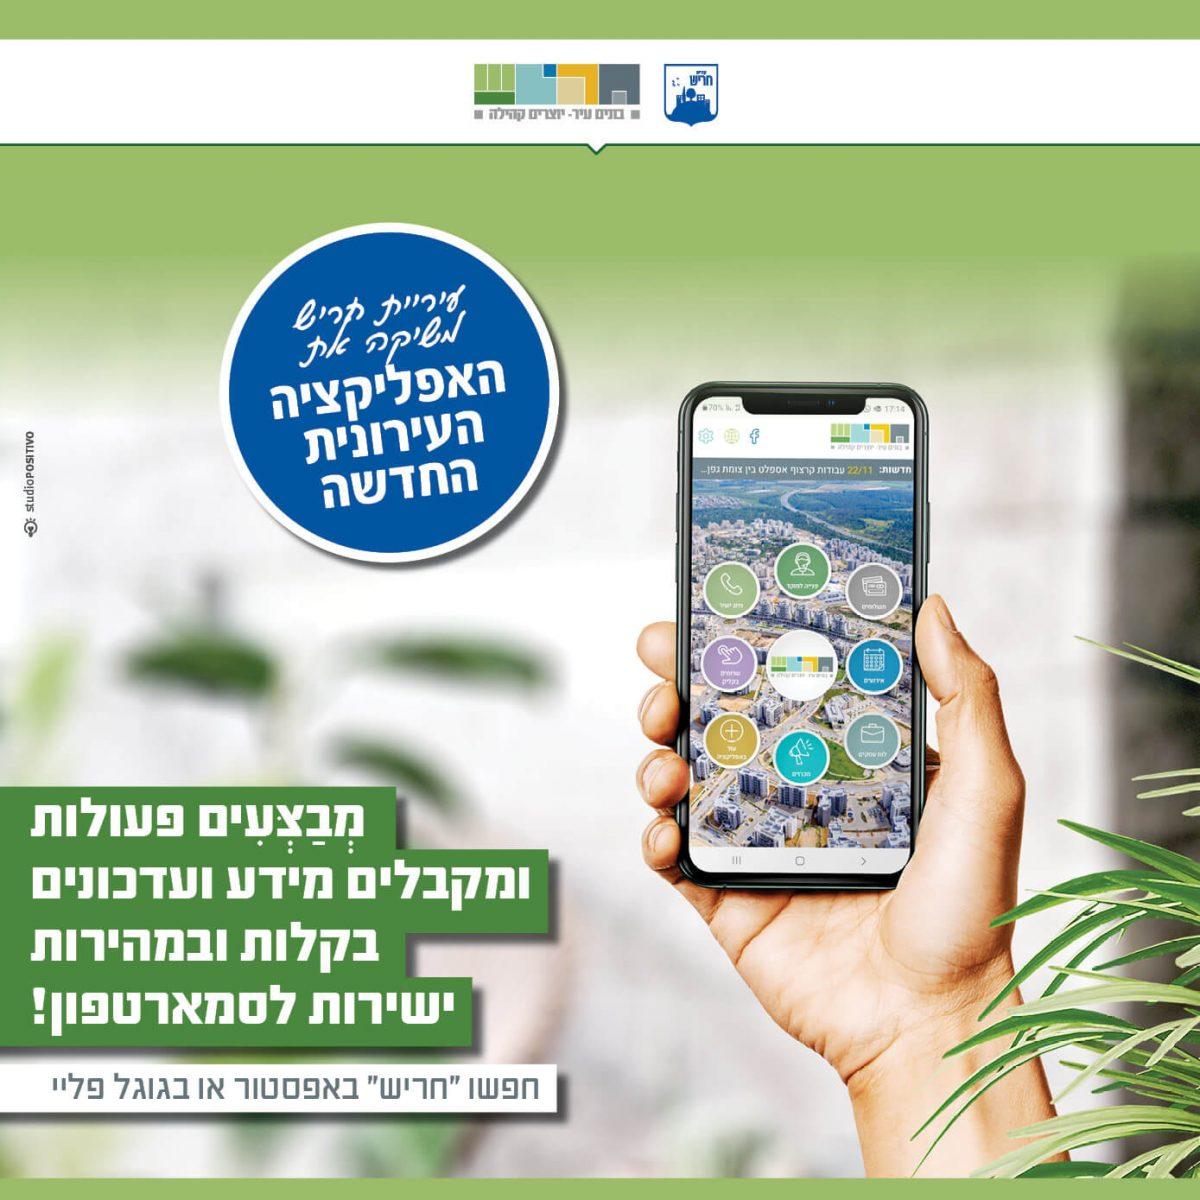 האפליקציה העירונית החדשה של חריש